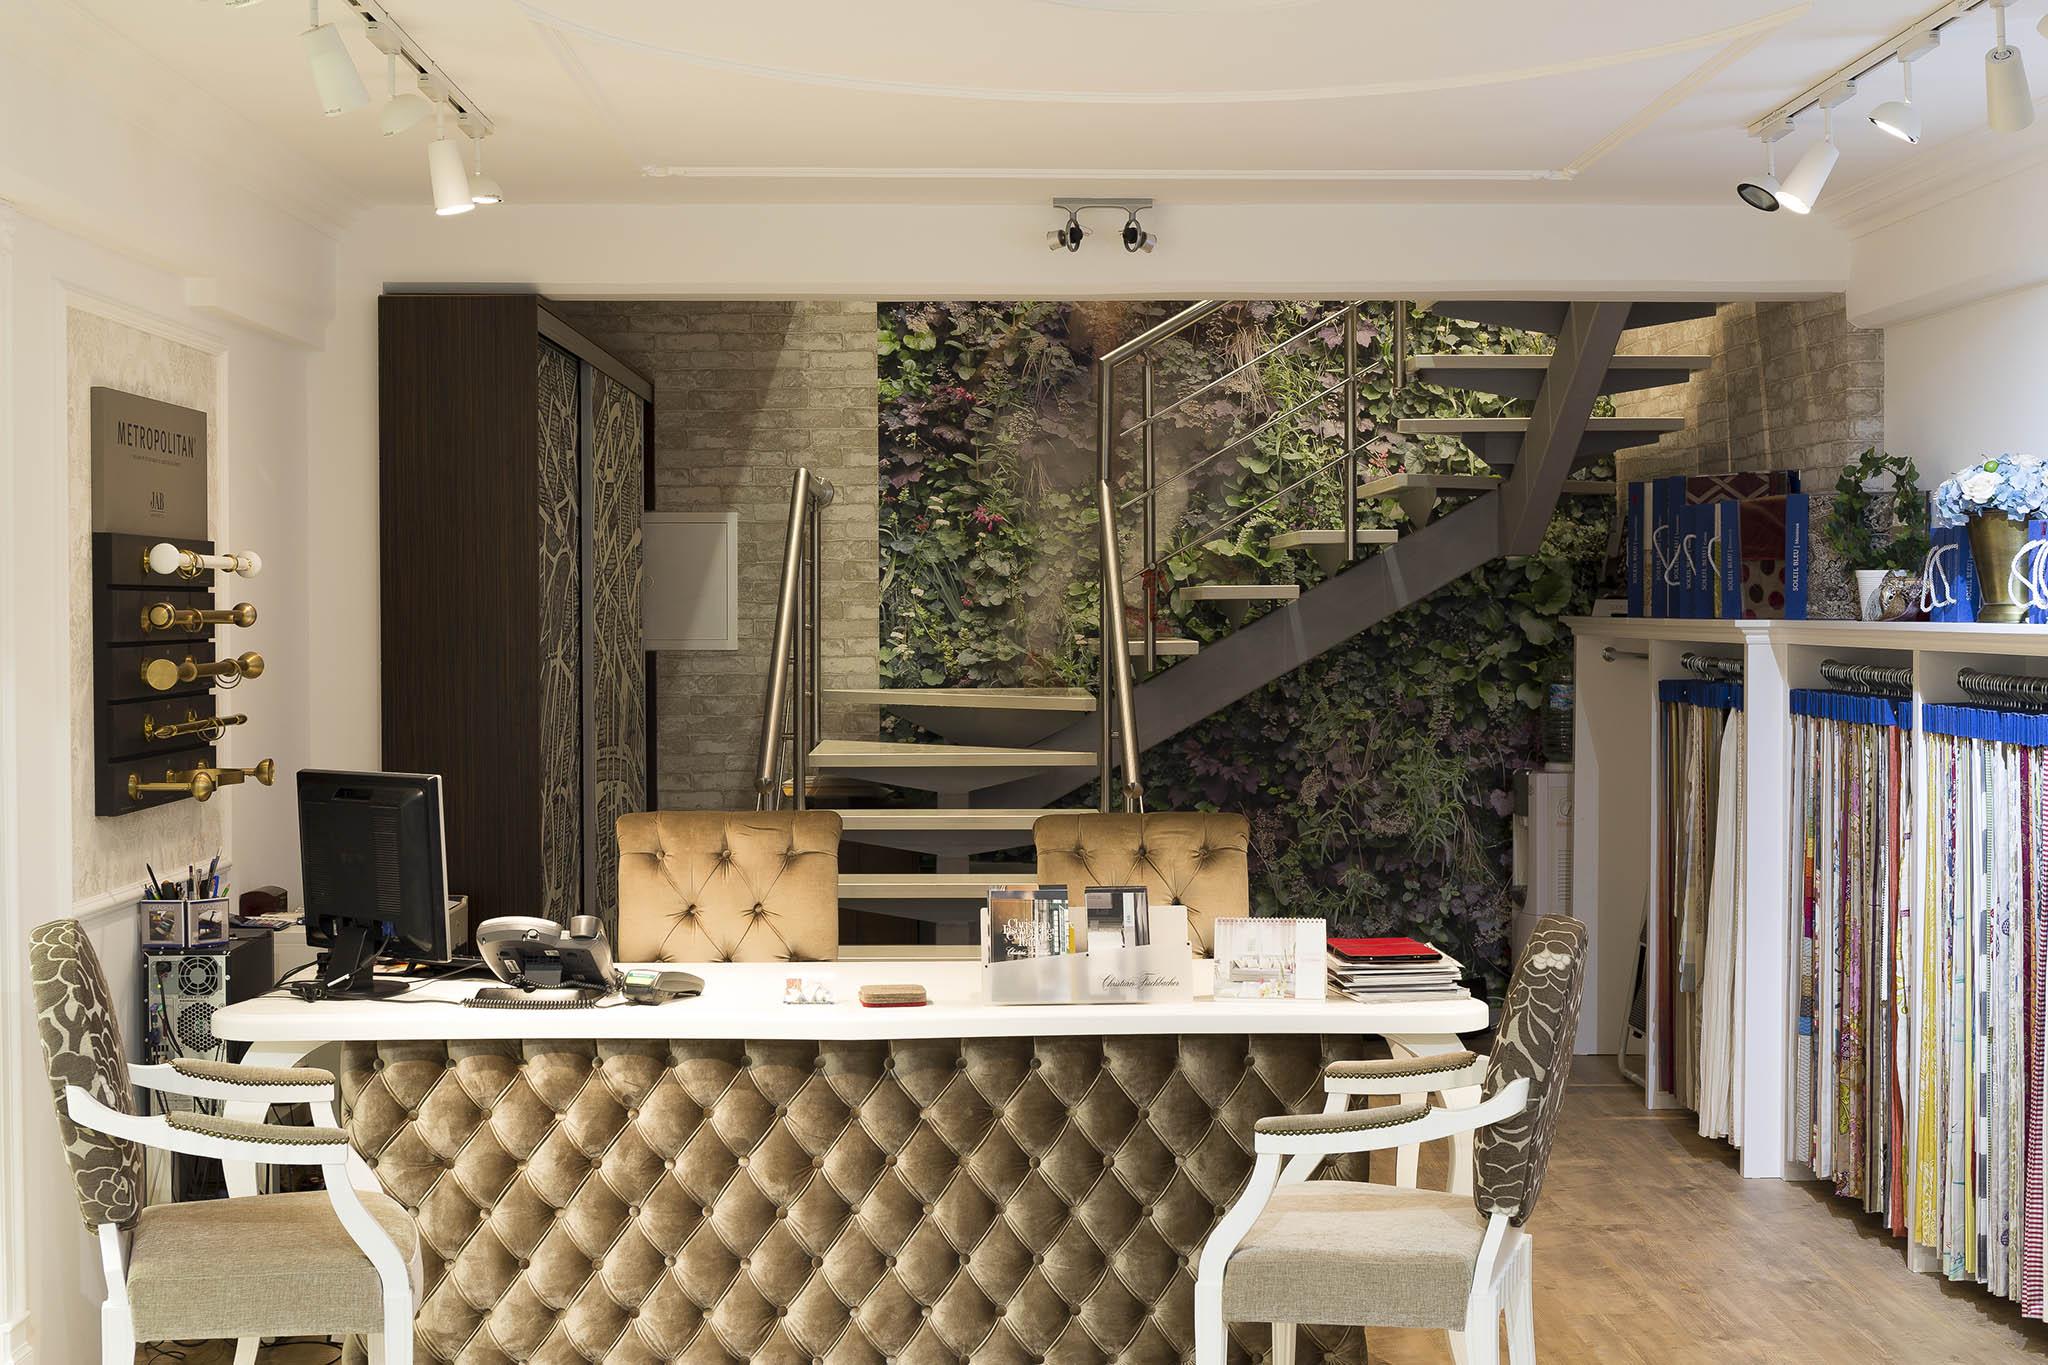 Studio grenadum interior design studio in cyprus limassol for Interior design cyprus